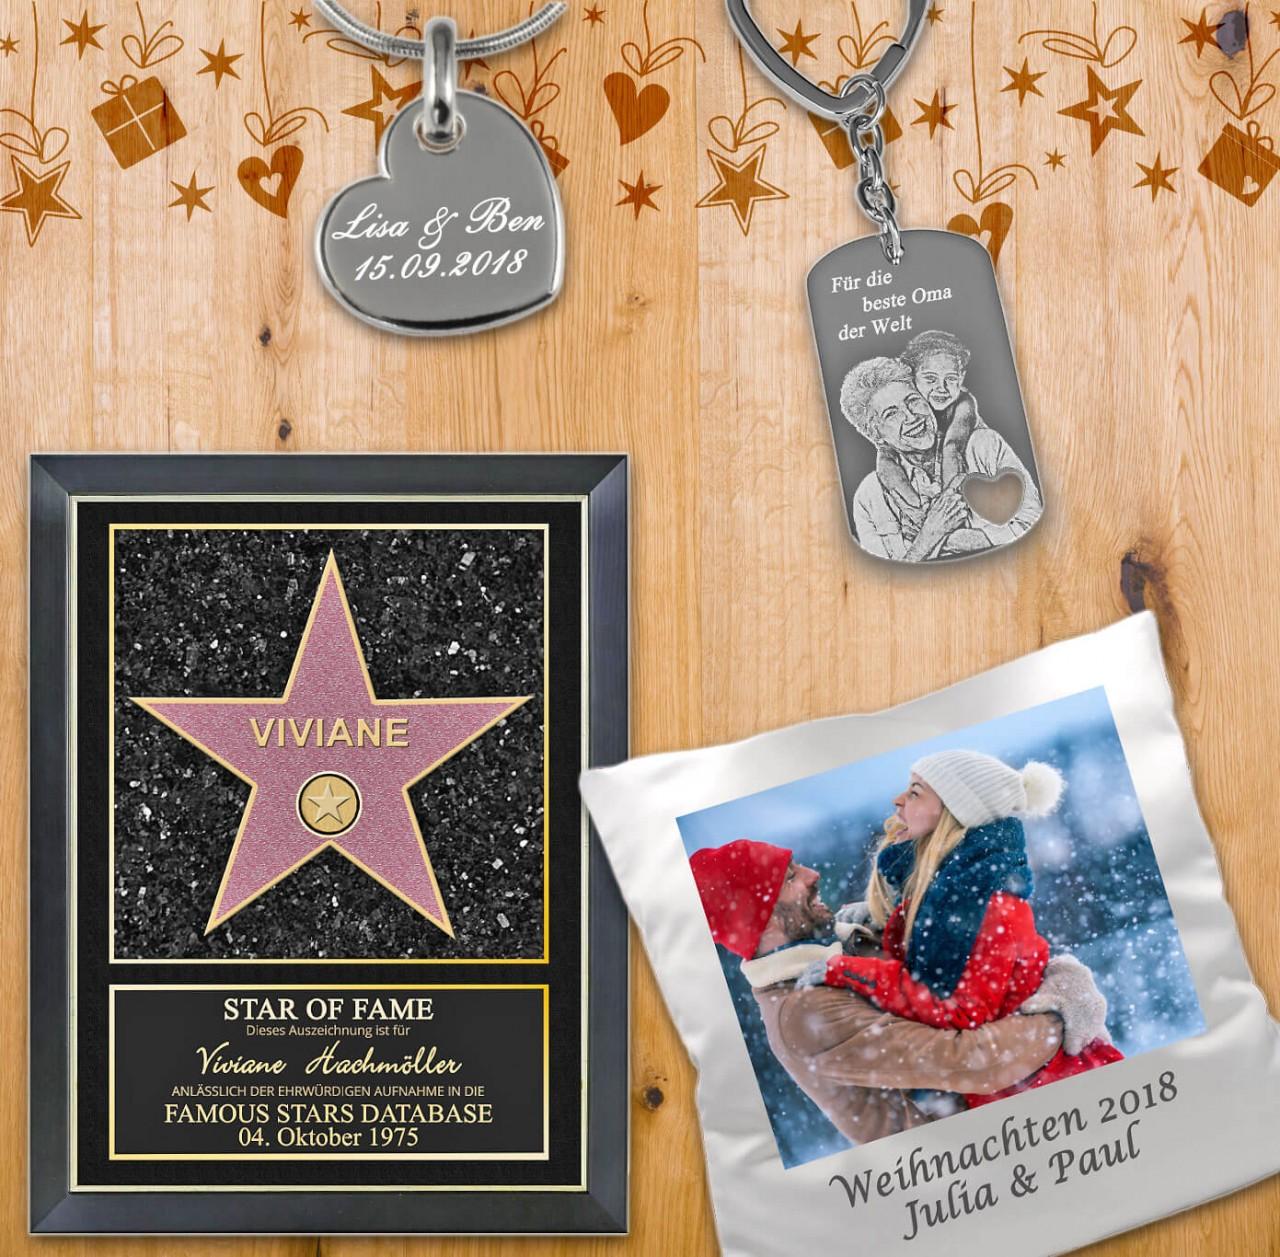 Bescherung am Weihnachtsabend mit persönlichen Geschenkideen